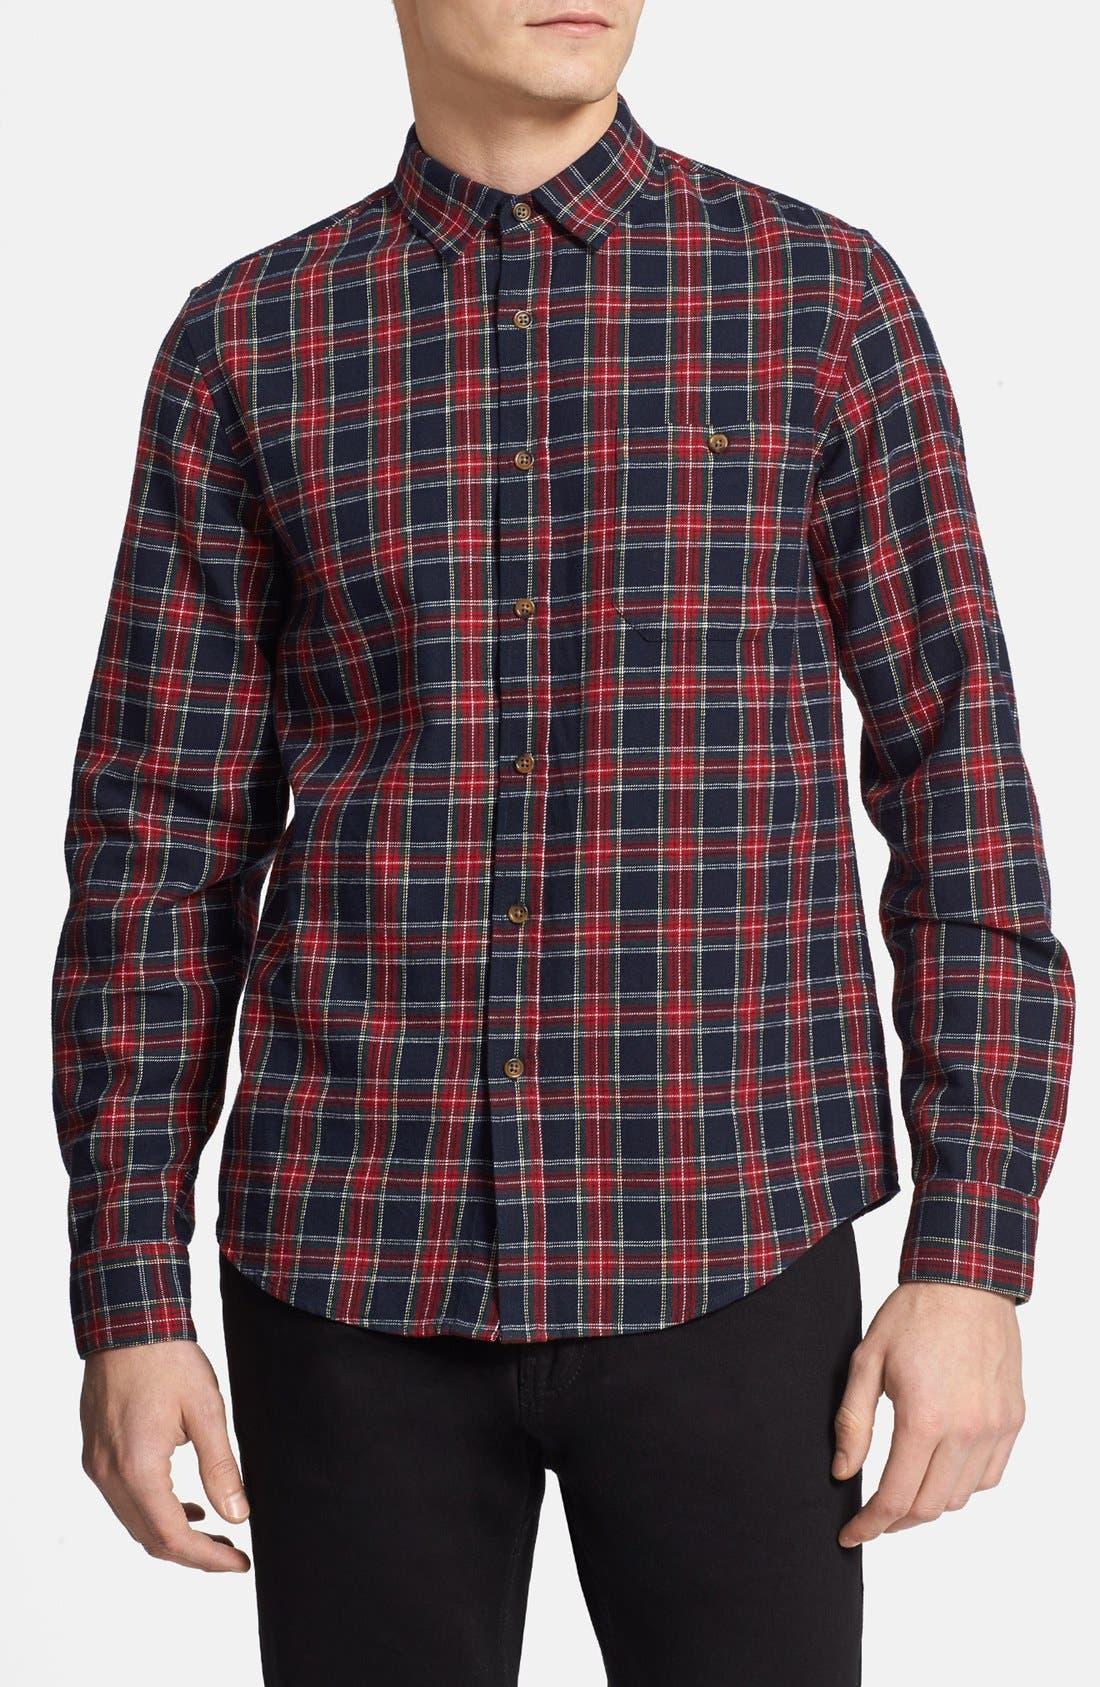 Main Image - Topman Classic Fit Tartan Flannel Shirt